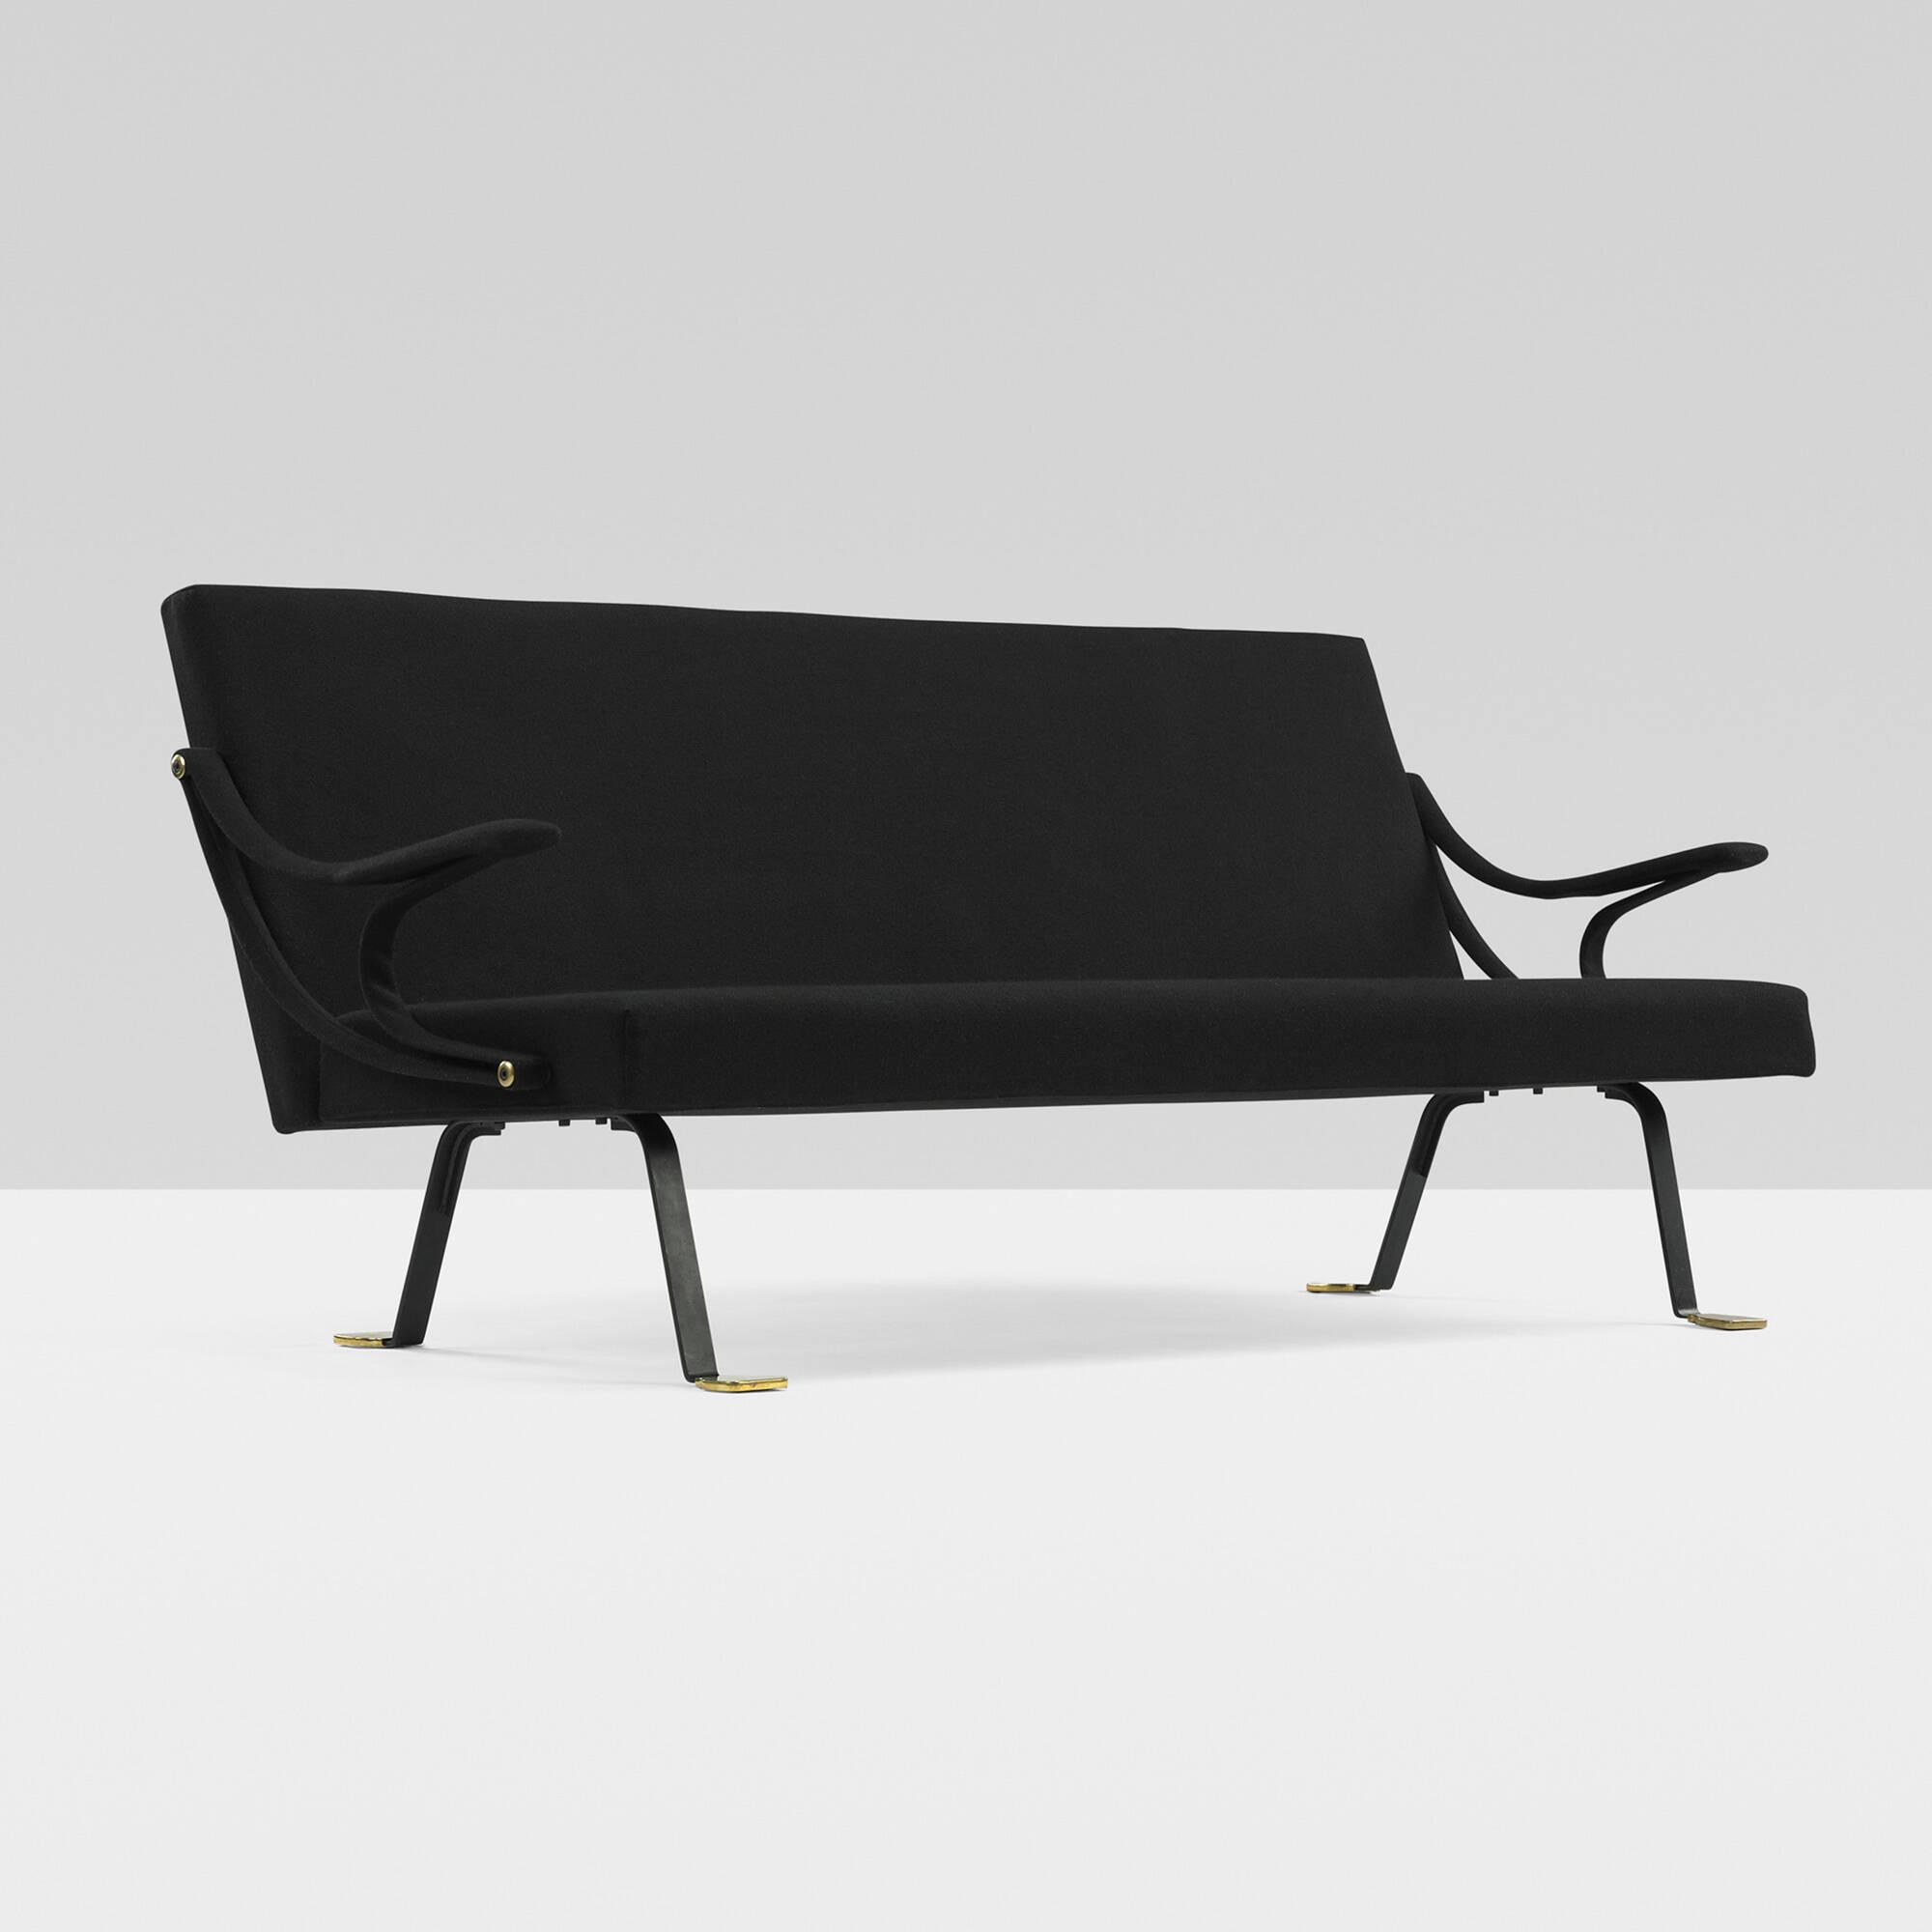 Special Sofa Design Furninova Vesta Special Sofa Mckenzie Willis Afosngised Special Design